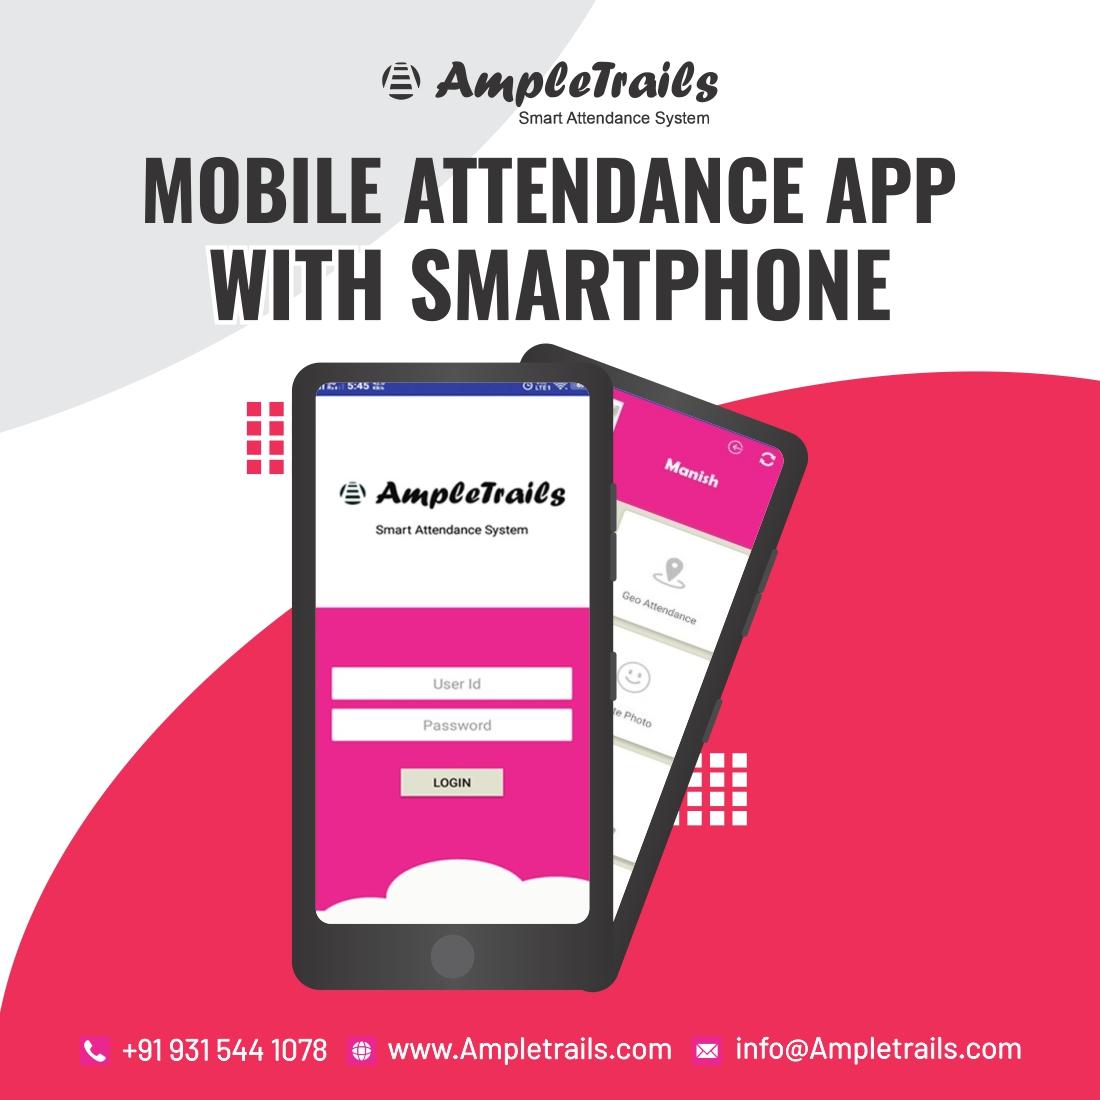 Attendance mobile app